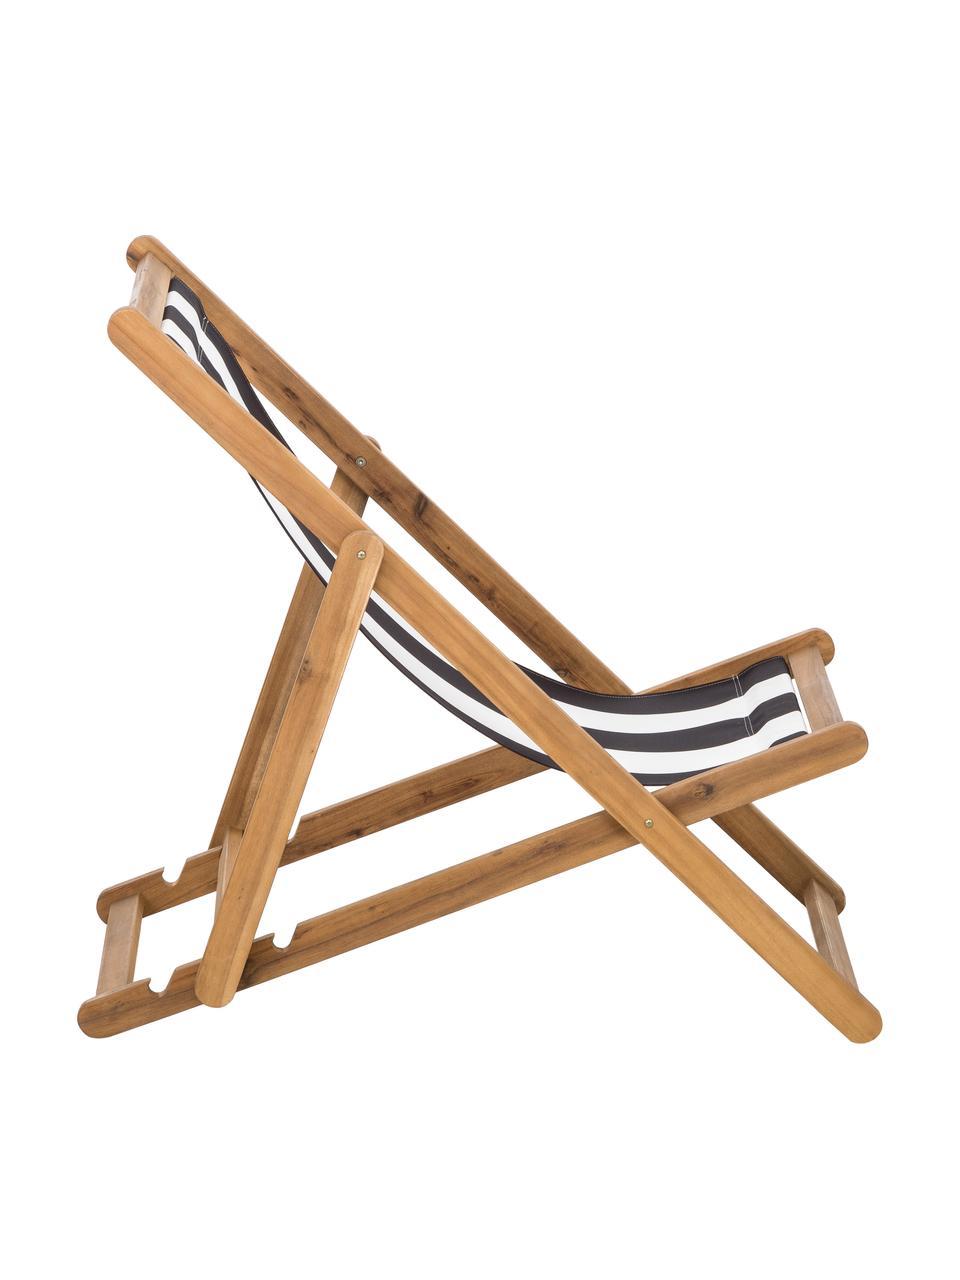 Składany leżak Zoe, Stelaż: lite drewno akacjowe, ole, Biały, niebieski, S 59 x G 84 cm